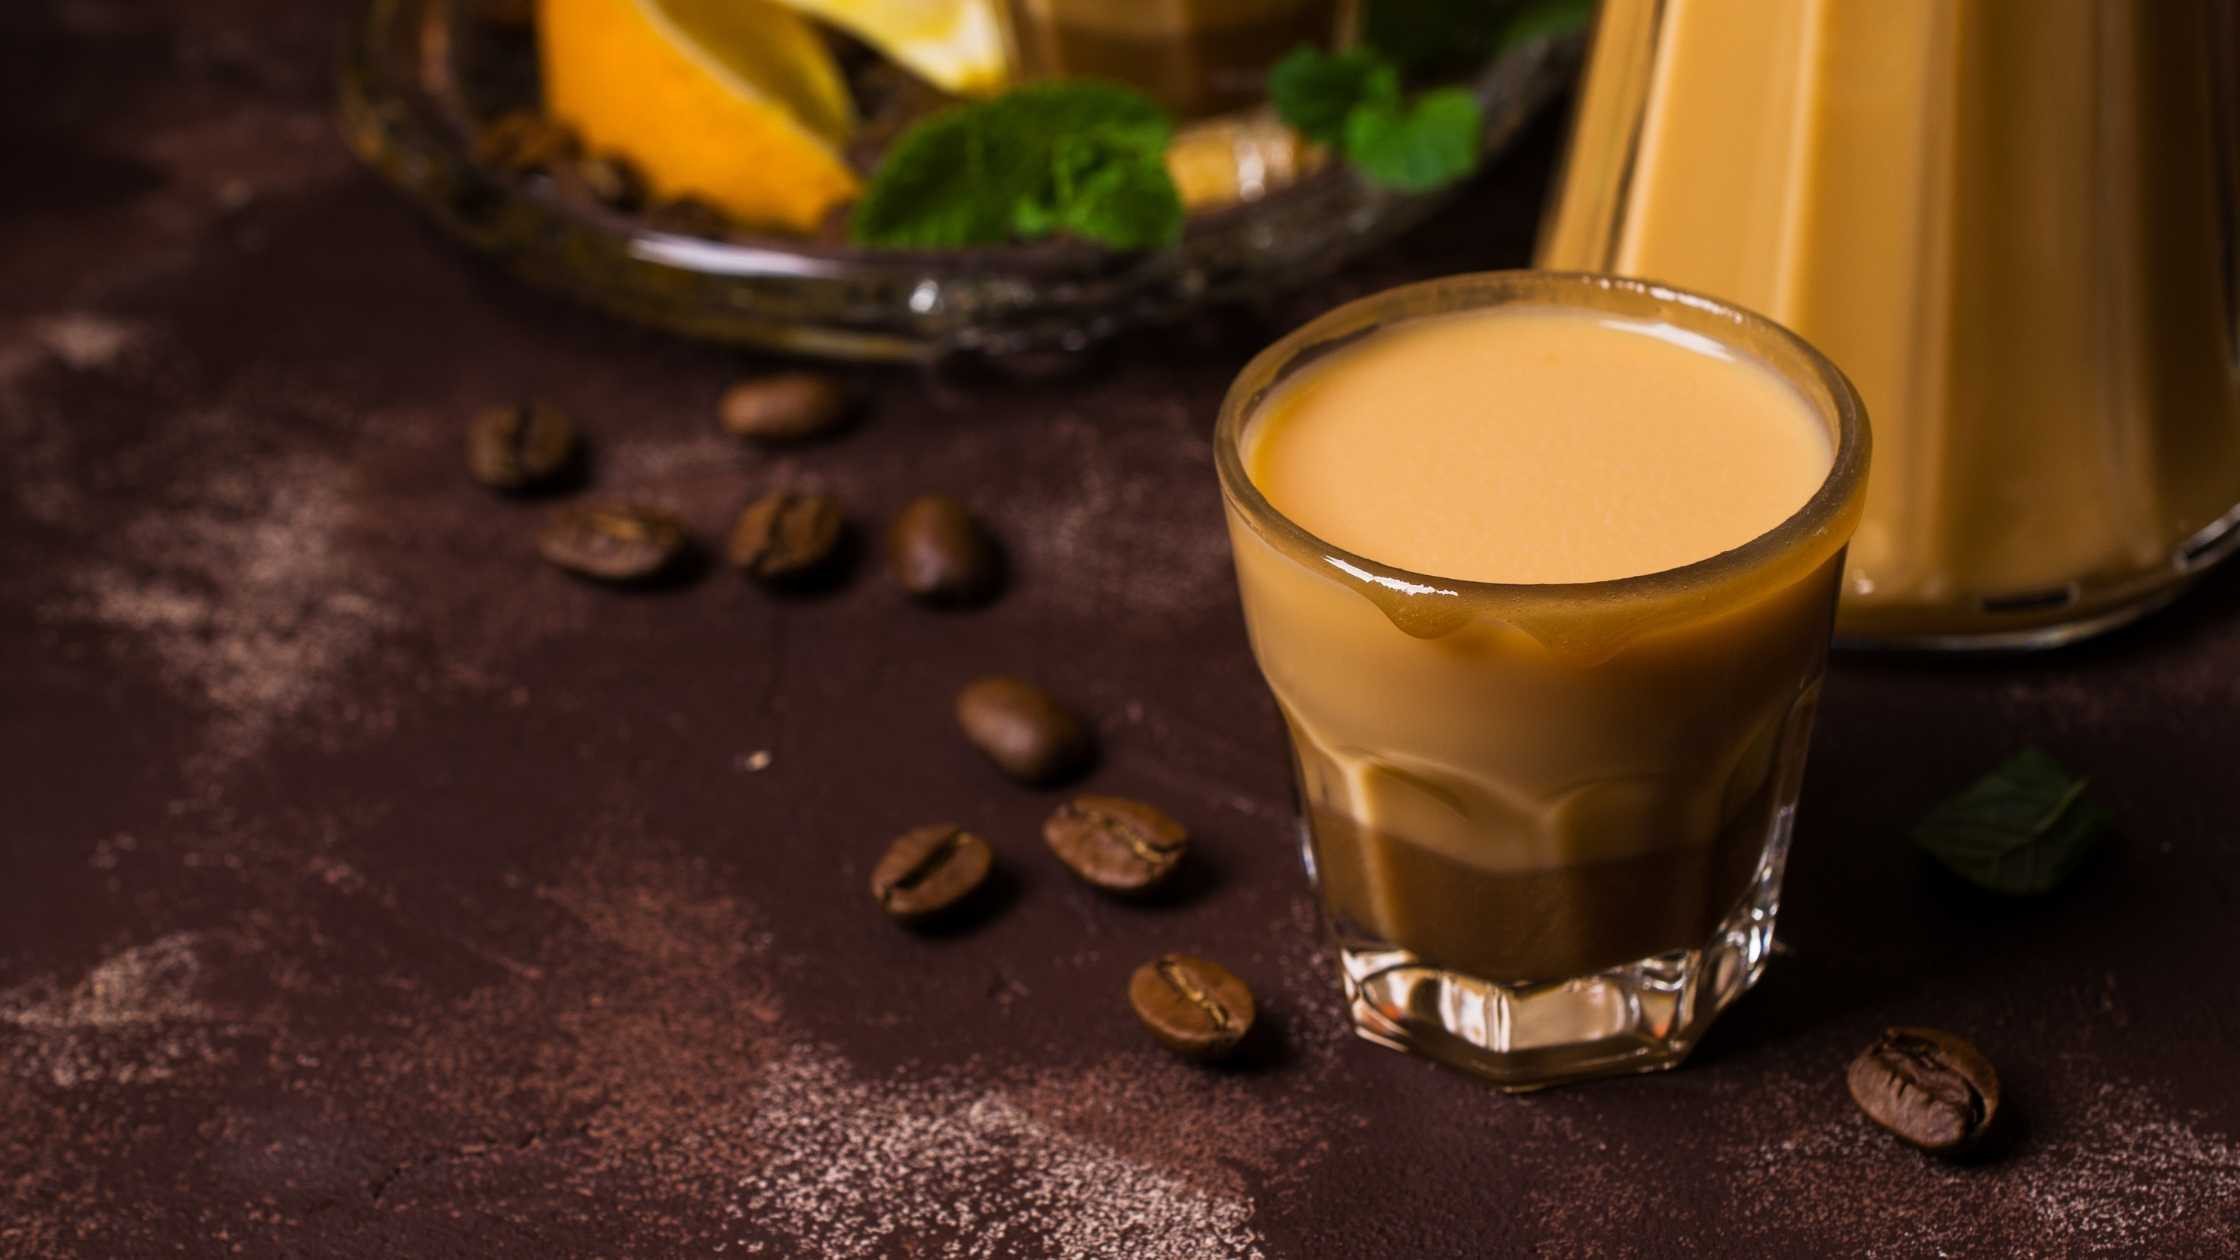 ashwagandha koffie